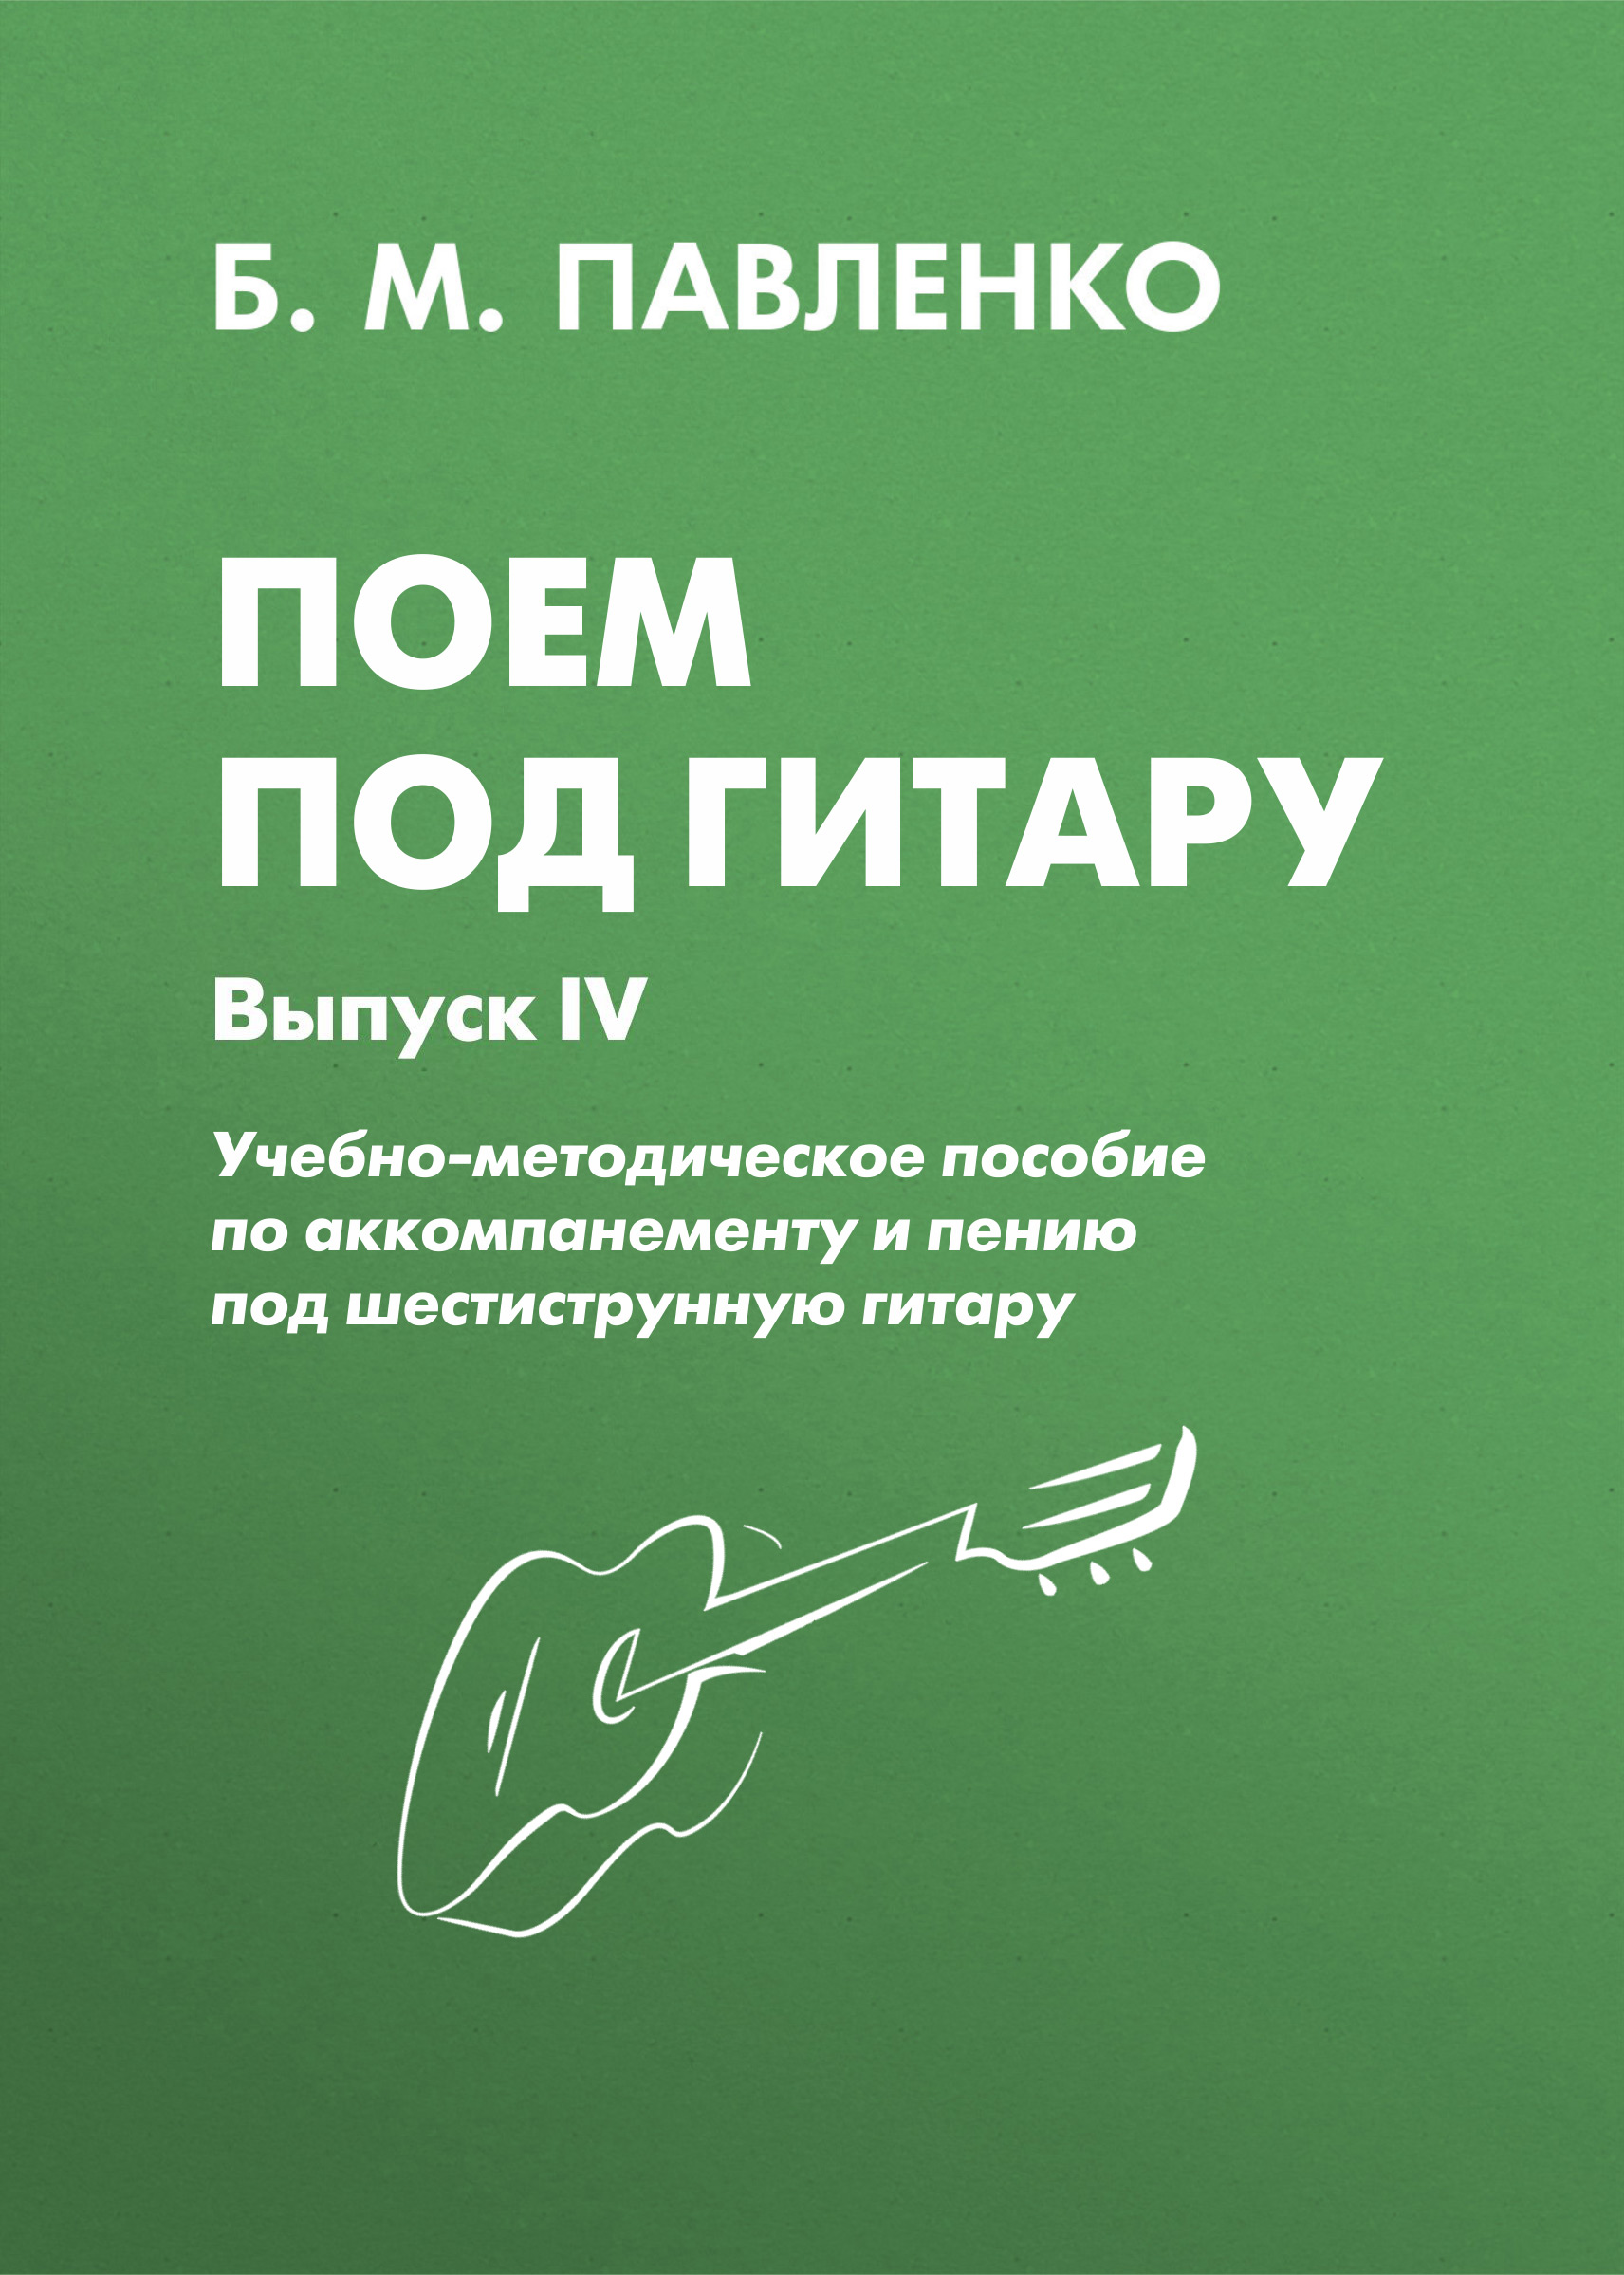 Б. М. Павленко Поем под гитару. Учебно-методическое пособие по аккомпанементу и пению под шестиструнную гитару. Выпуск IV павленко борис михайлович самоучитель игры на шестиструнной гитаре